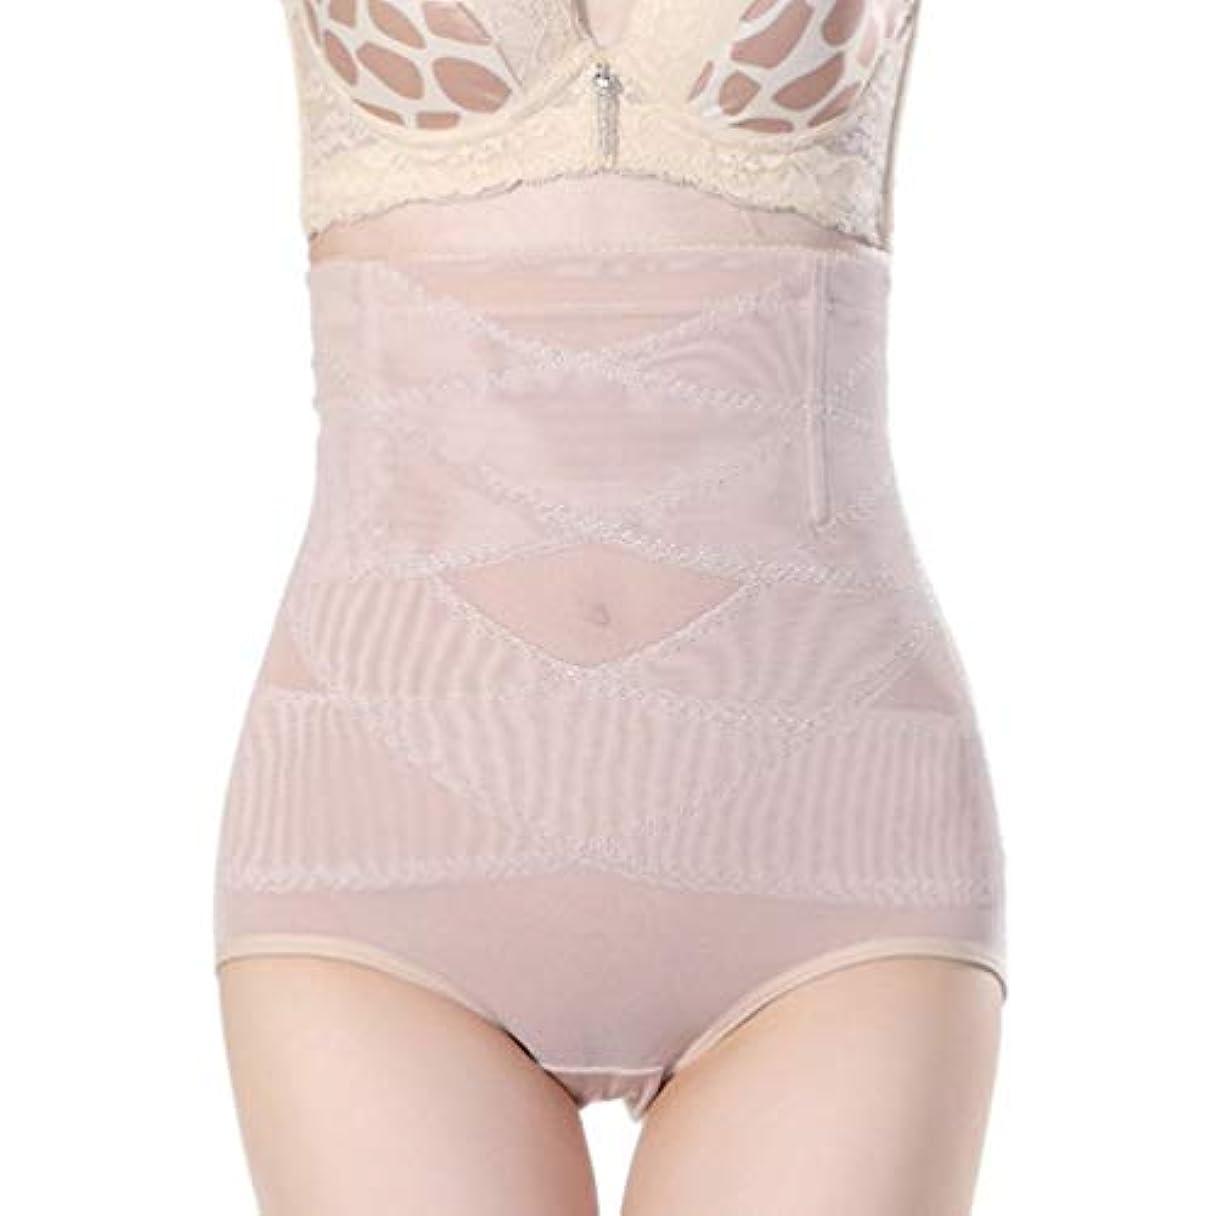 感謝するセクタテロ腹部制御下着シームレスおなかコントロールパンティーバットリフターボディシェイパーを痩身通気性のハイウエストの女性 - 肌色M